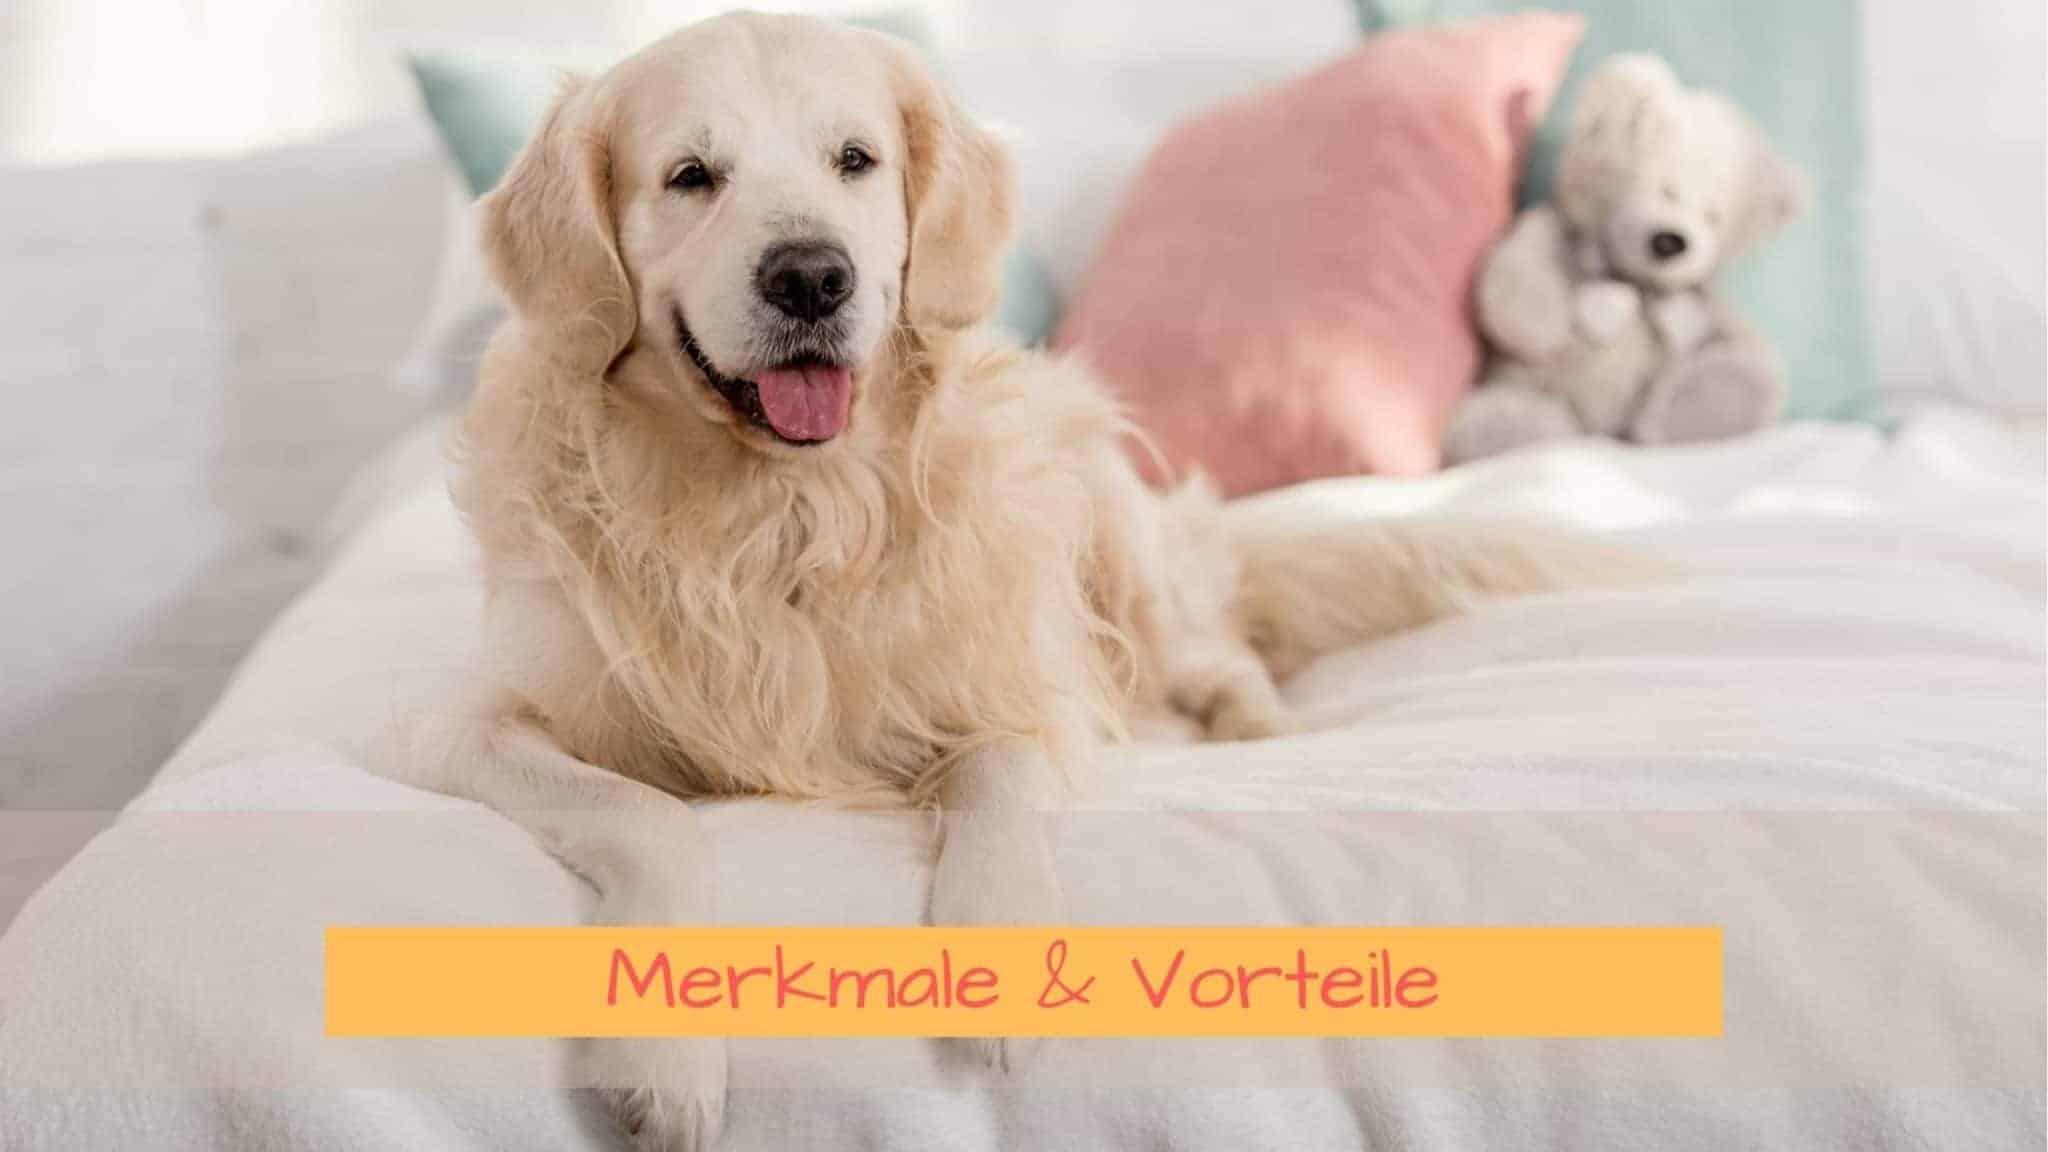 Merkmale und Vorteile von orthopädischen Hundebetten